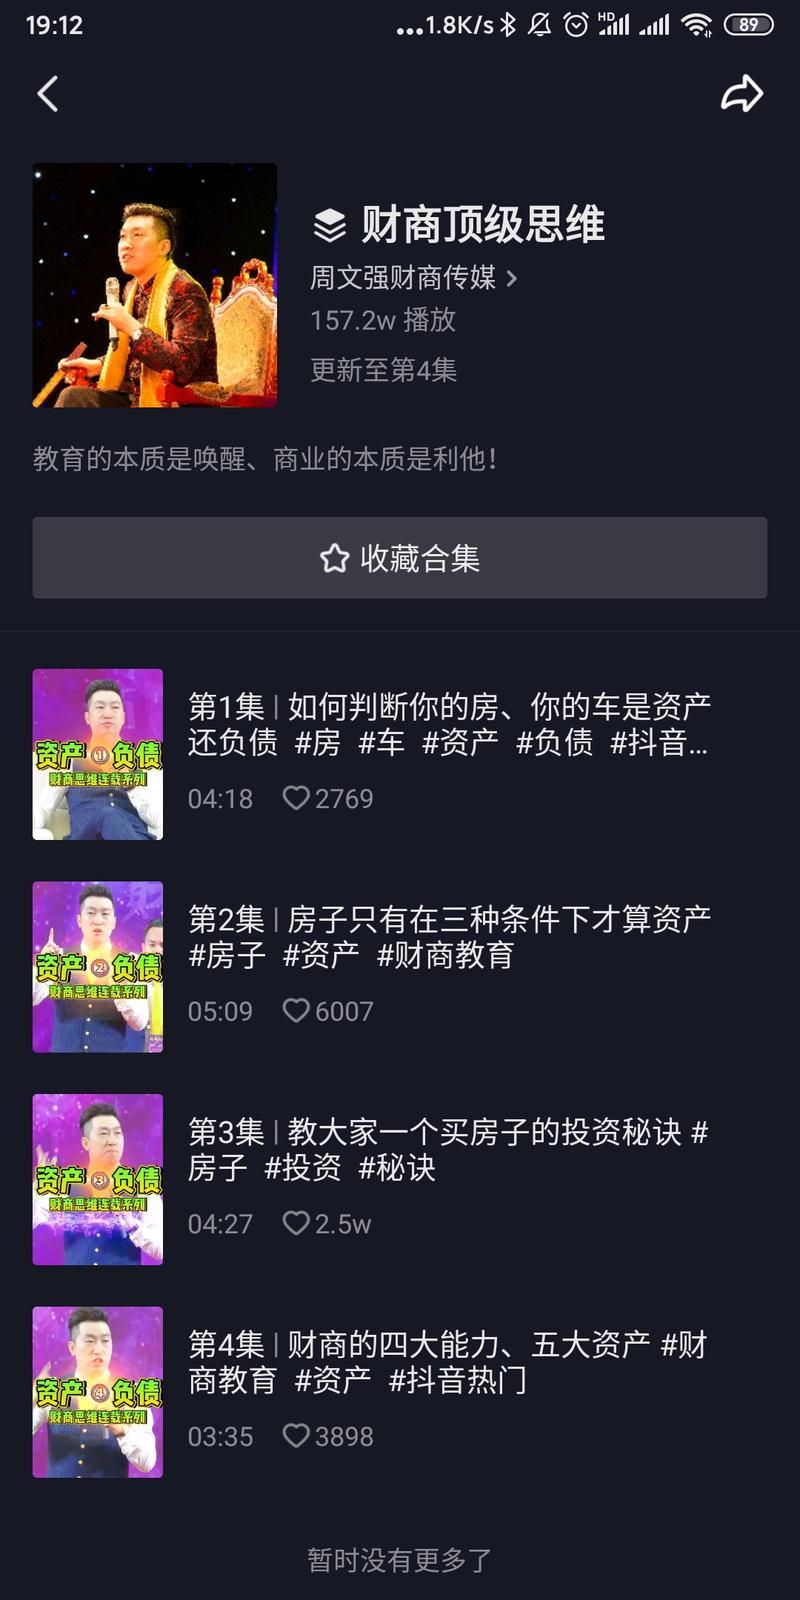 羽人夜歌icon于2021-01-04 19:38发布的图片